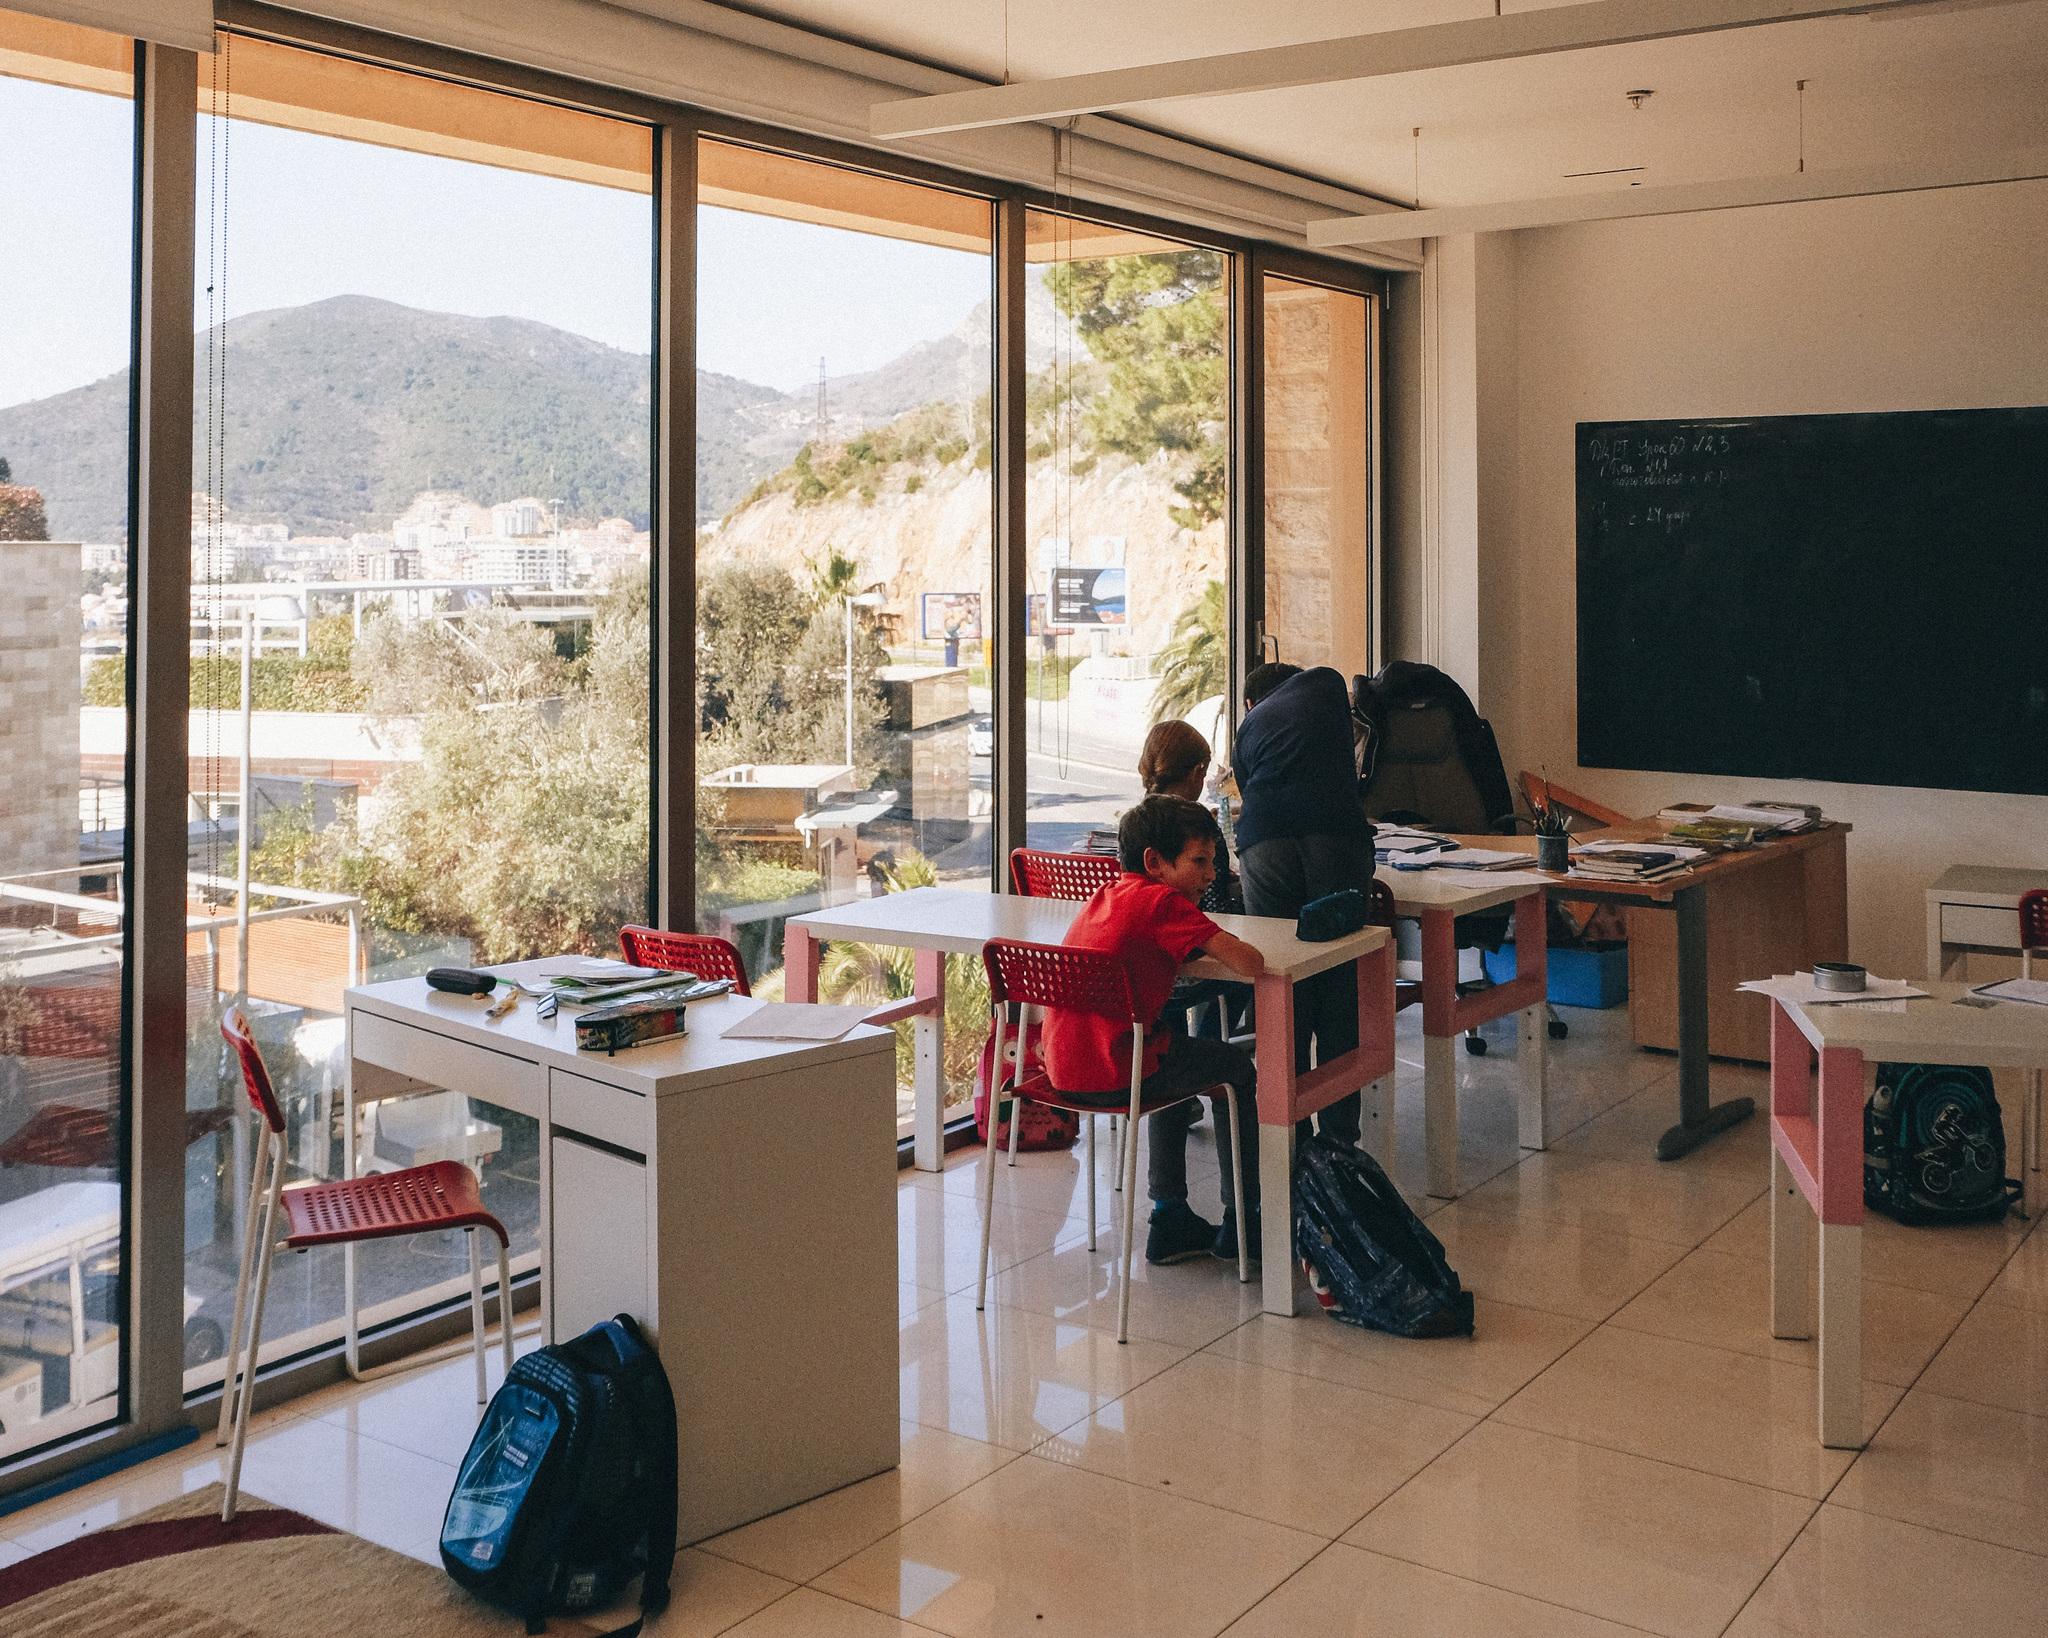 Посмотрели и позавидовали: русская школа в Черногории   Пикабу